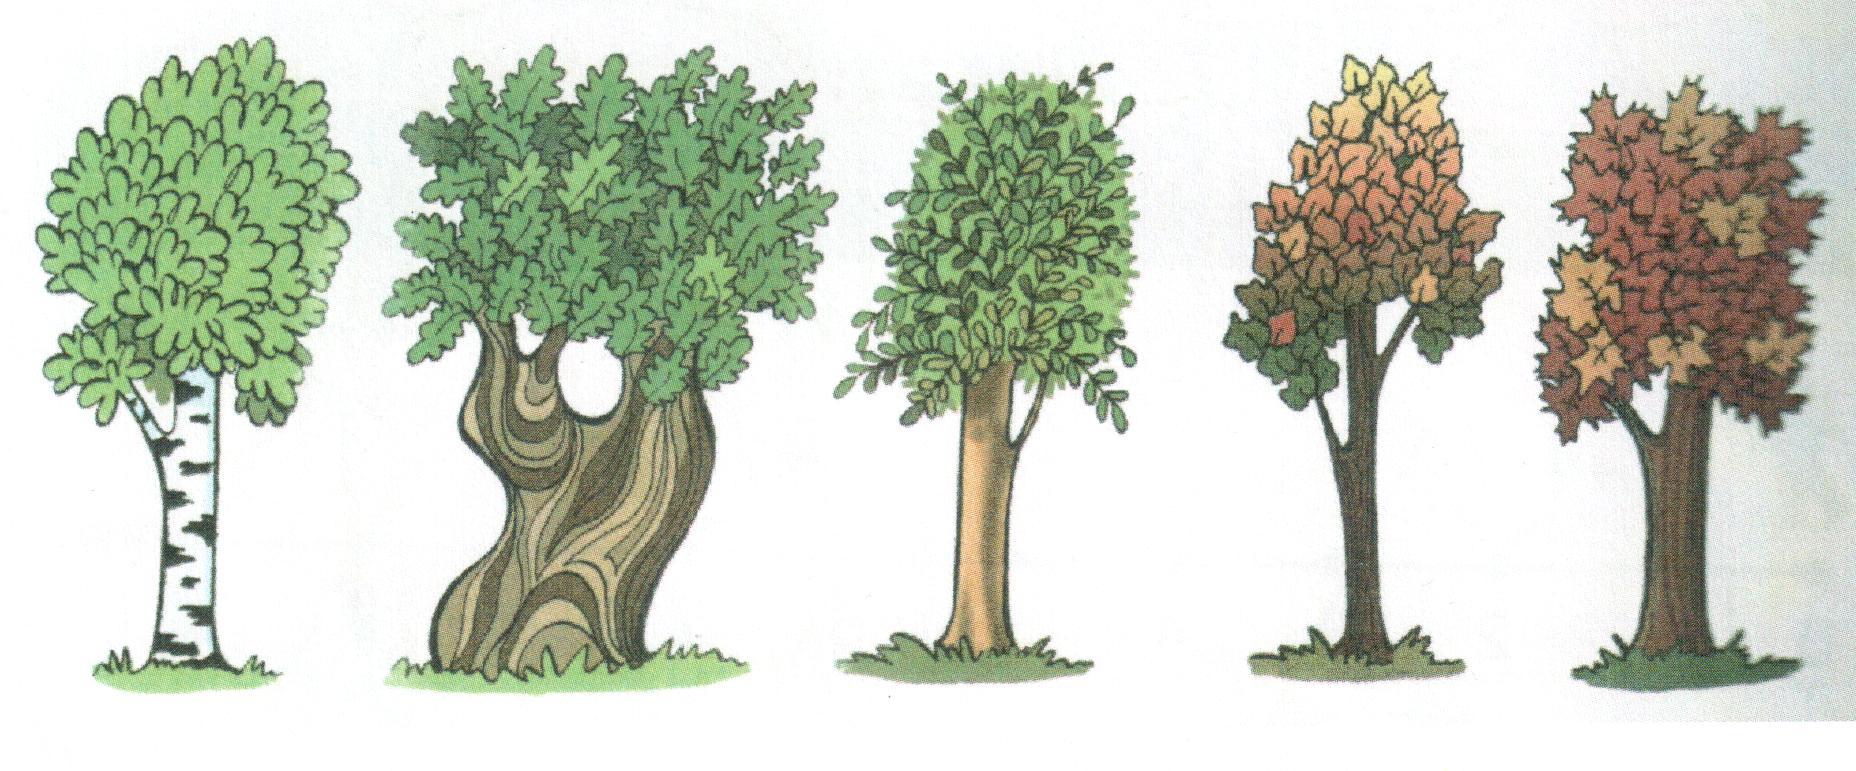 картинки деревьев высоких и низких цен